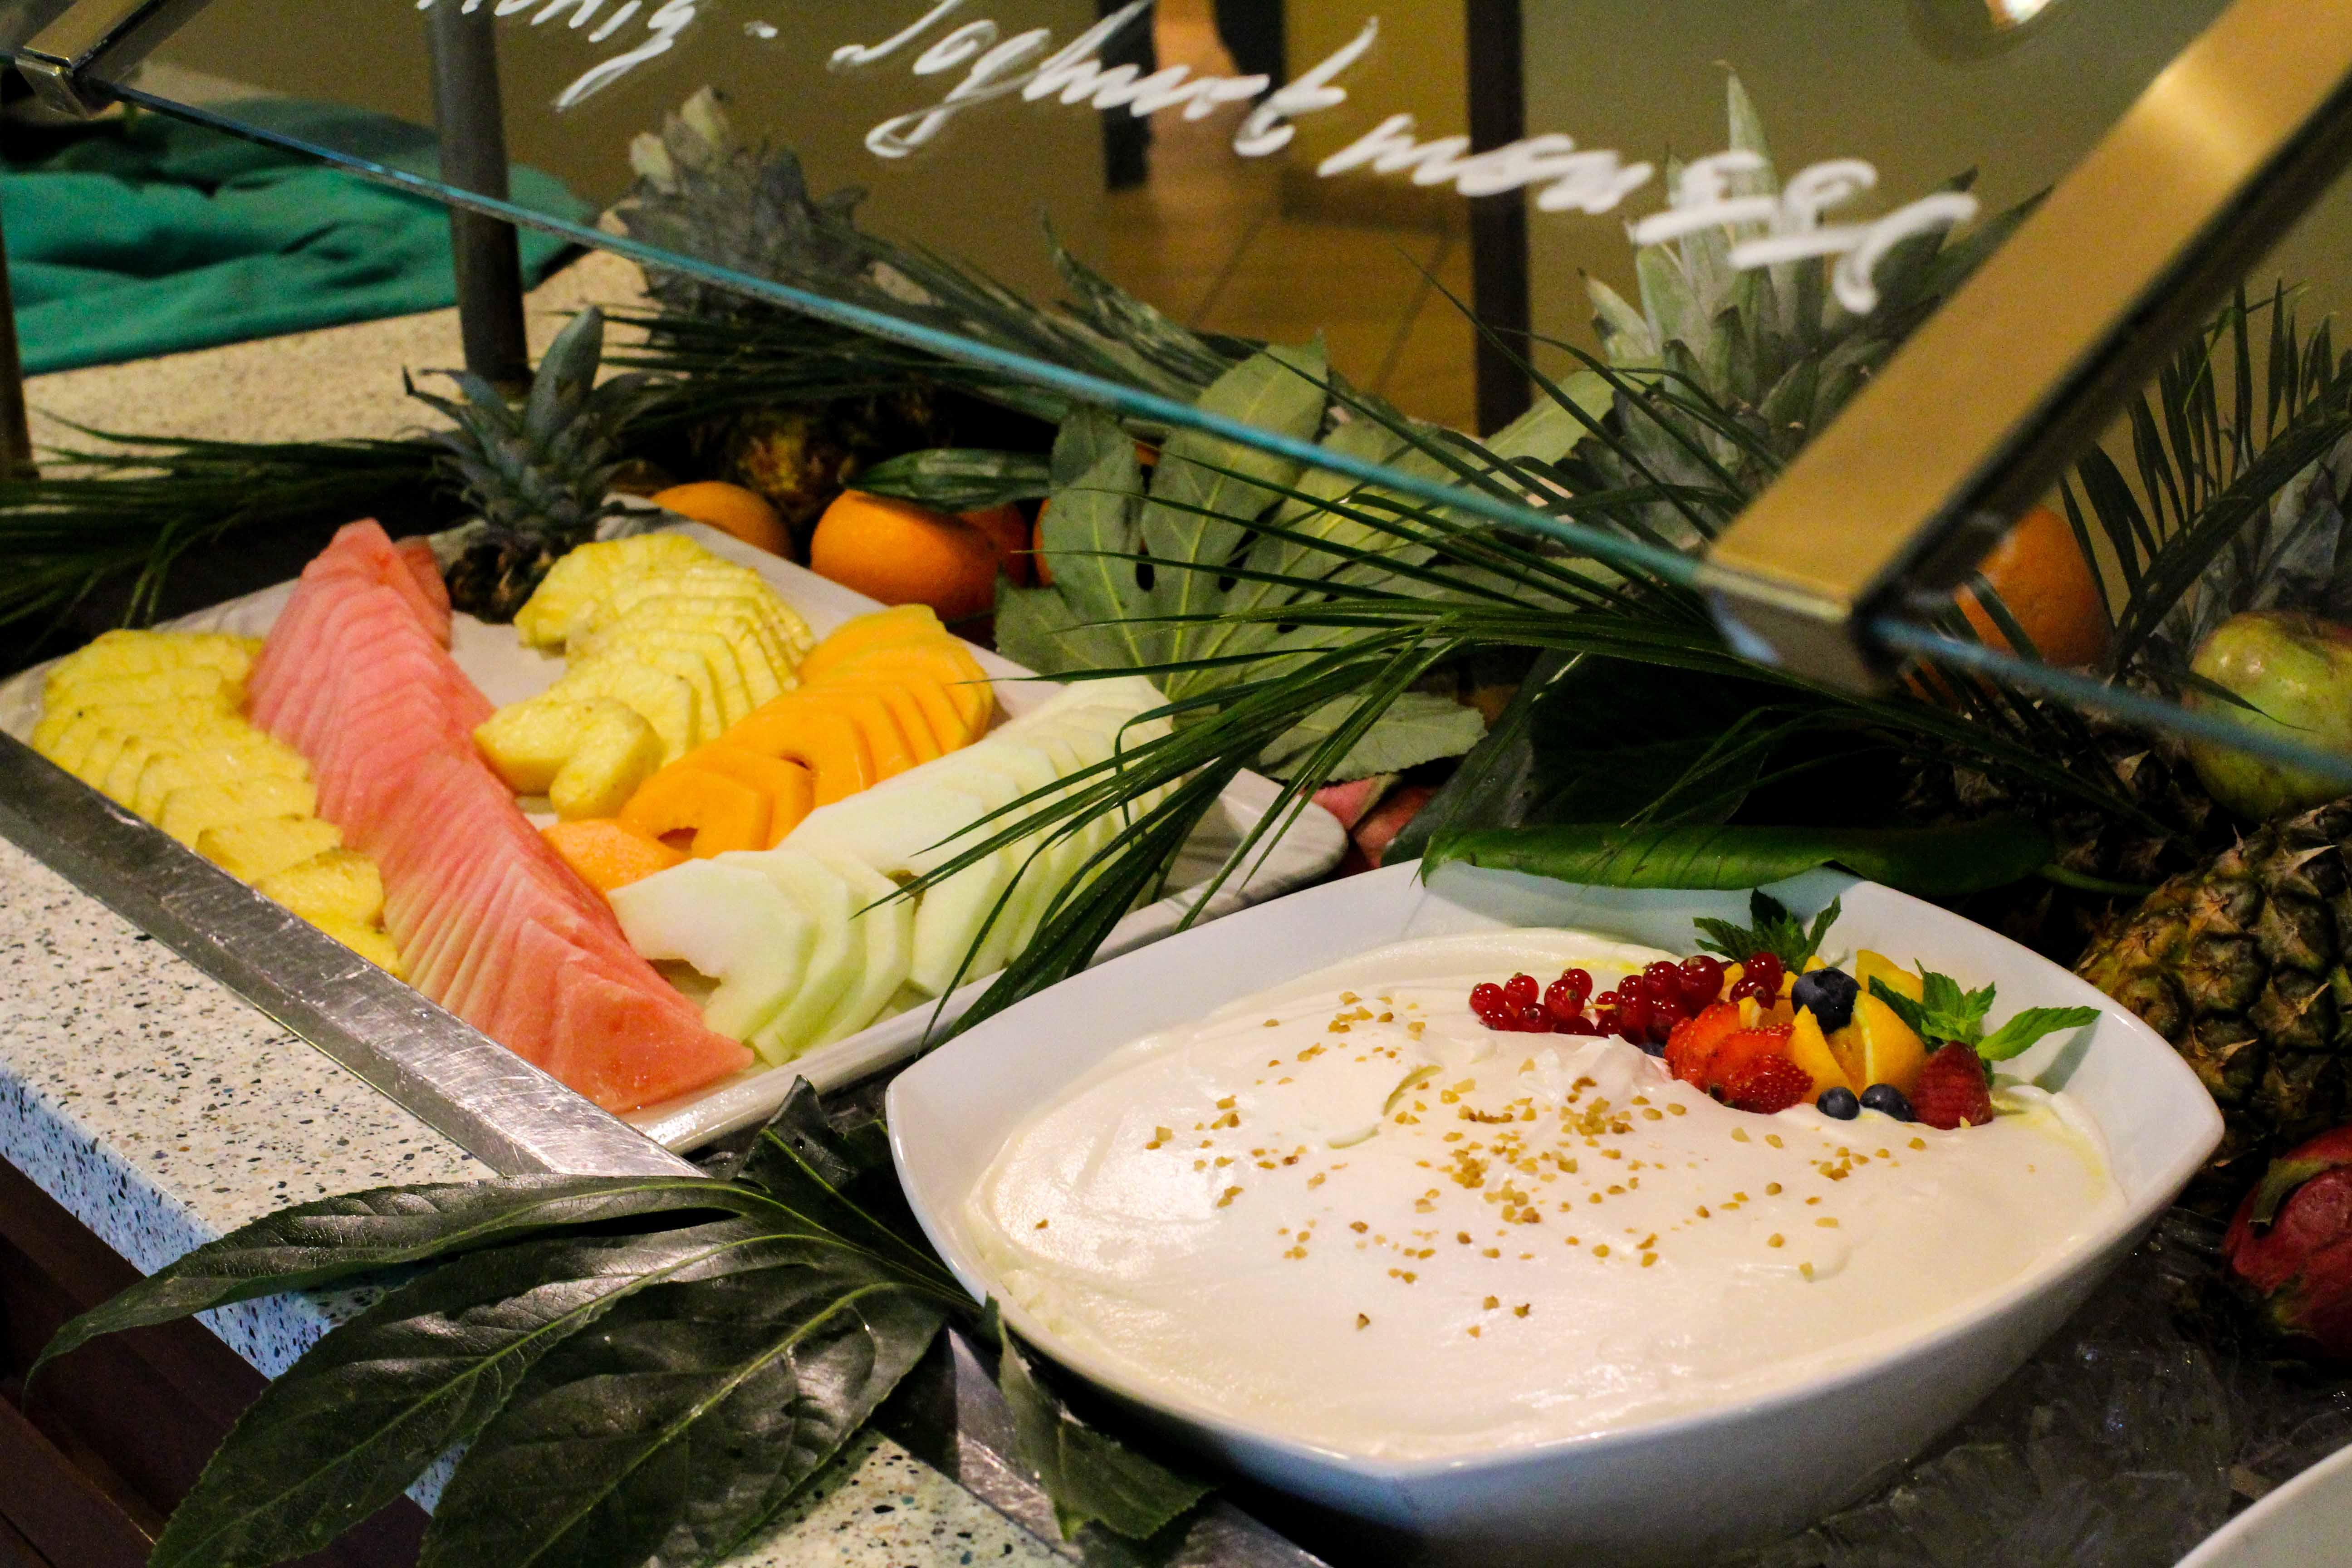 Donaukreuzfahrt A-Rosa Bella Frühstück Buffet Dessert Flusskreuzfahrt Flusskreuzfahrtschiff 7 Tage Donau Klassik Tour Arosa Reiseblogger